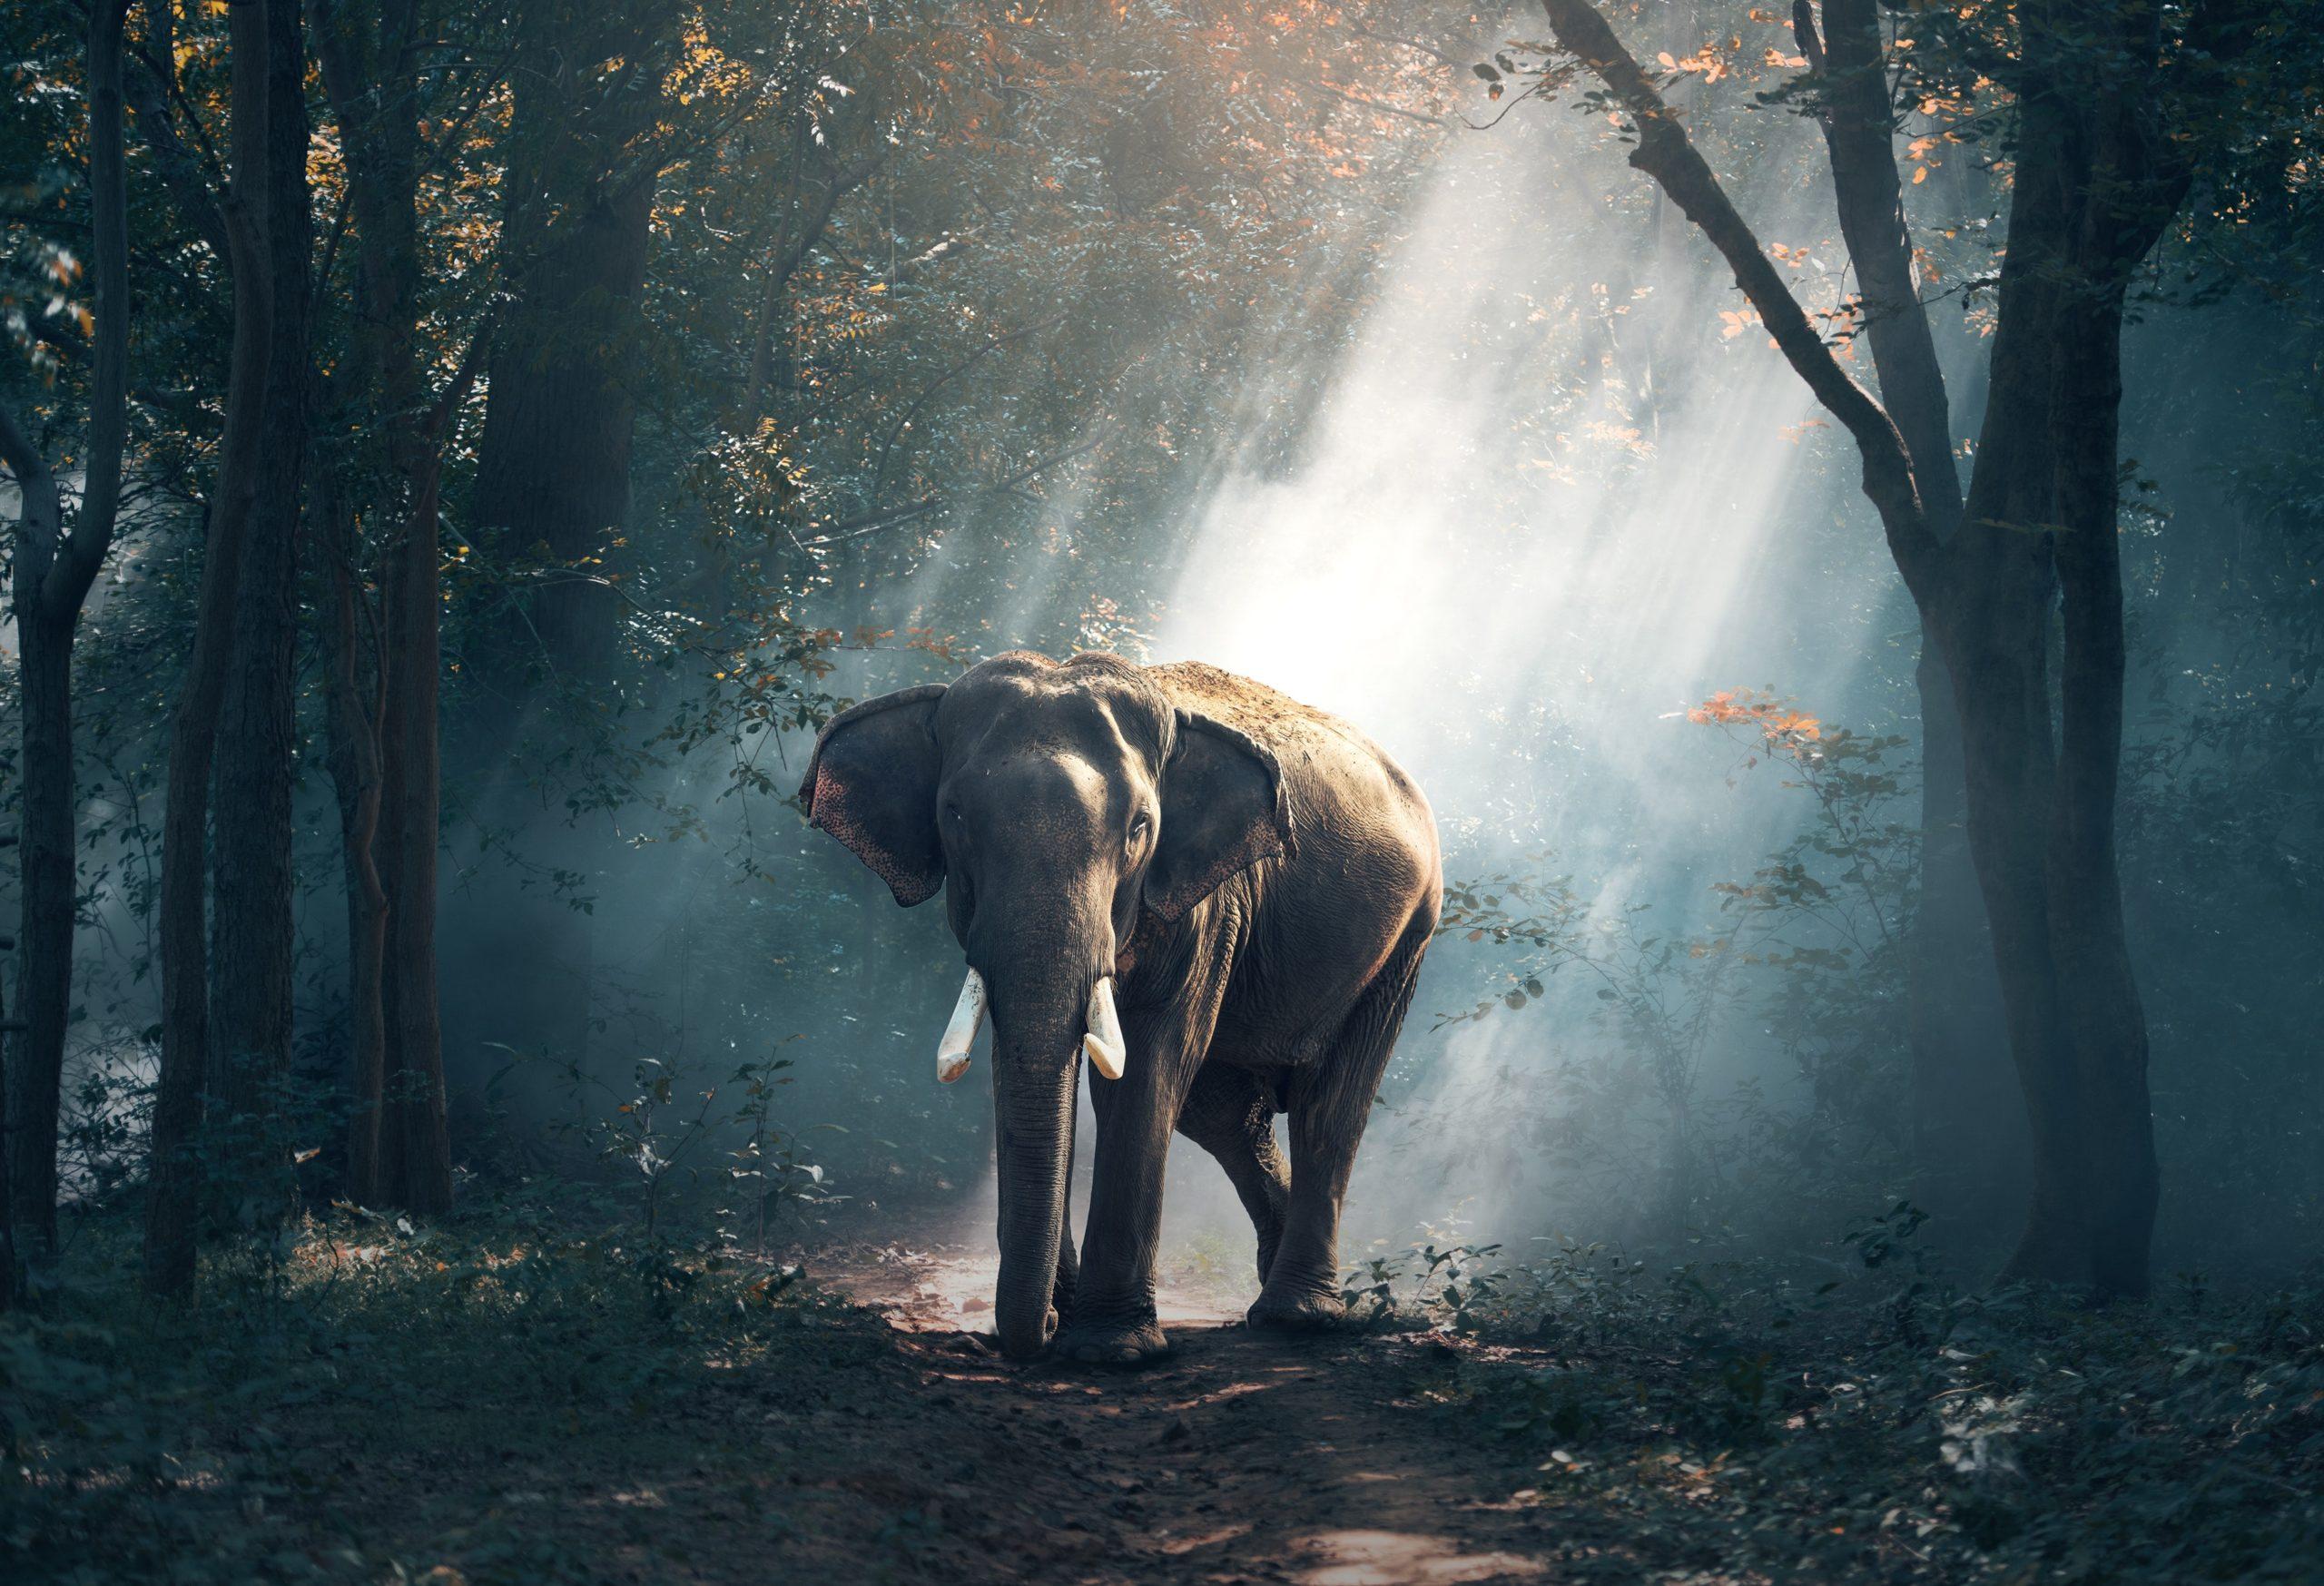 Fonds d'écran gratuits pour les amoureux des animaux